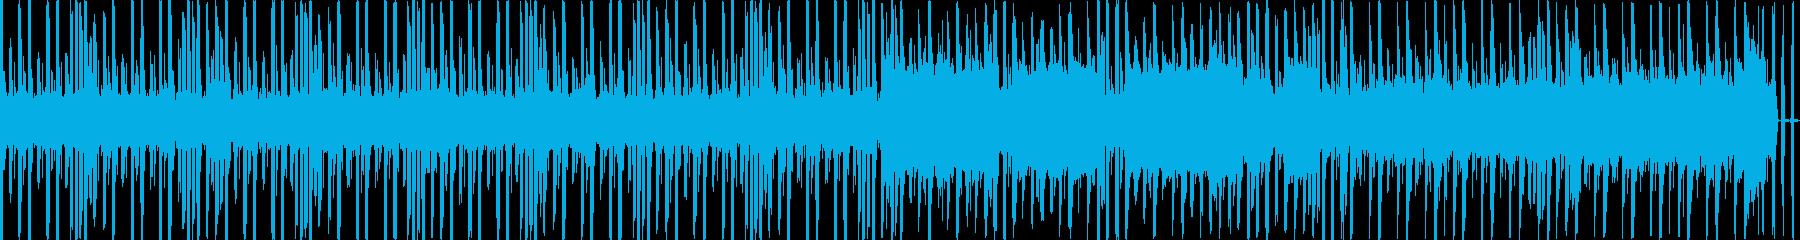 海で漂うチップチューン風なループBGMの再生済みの波形